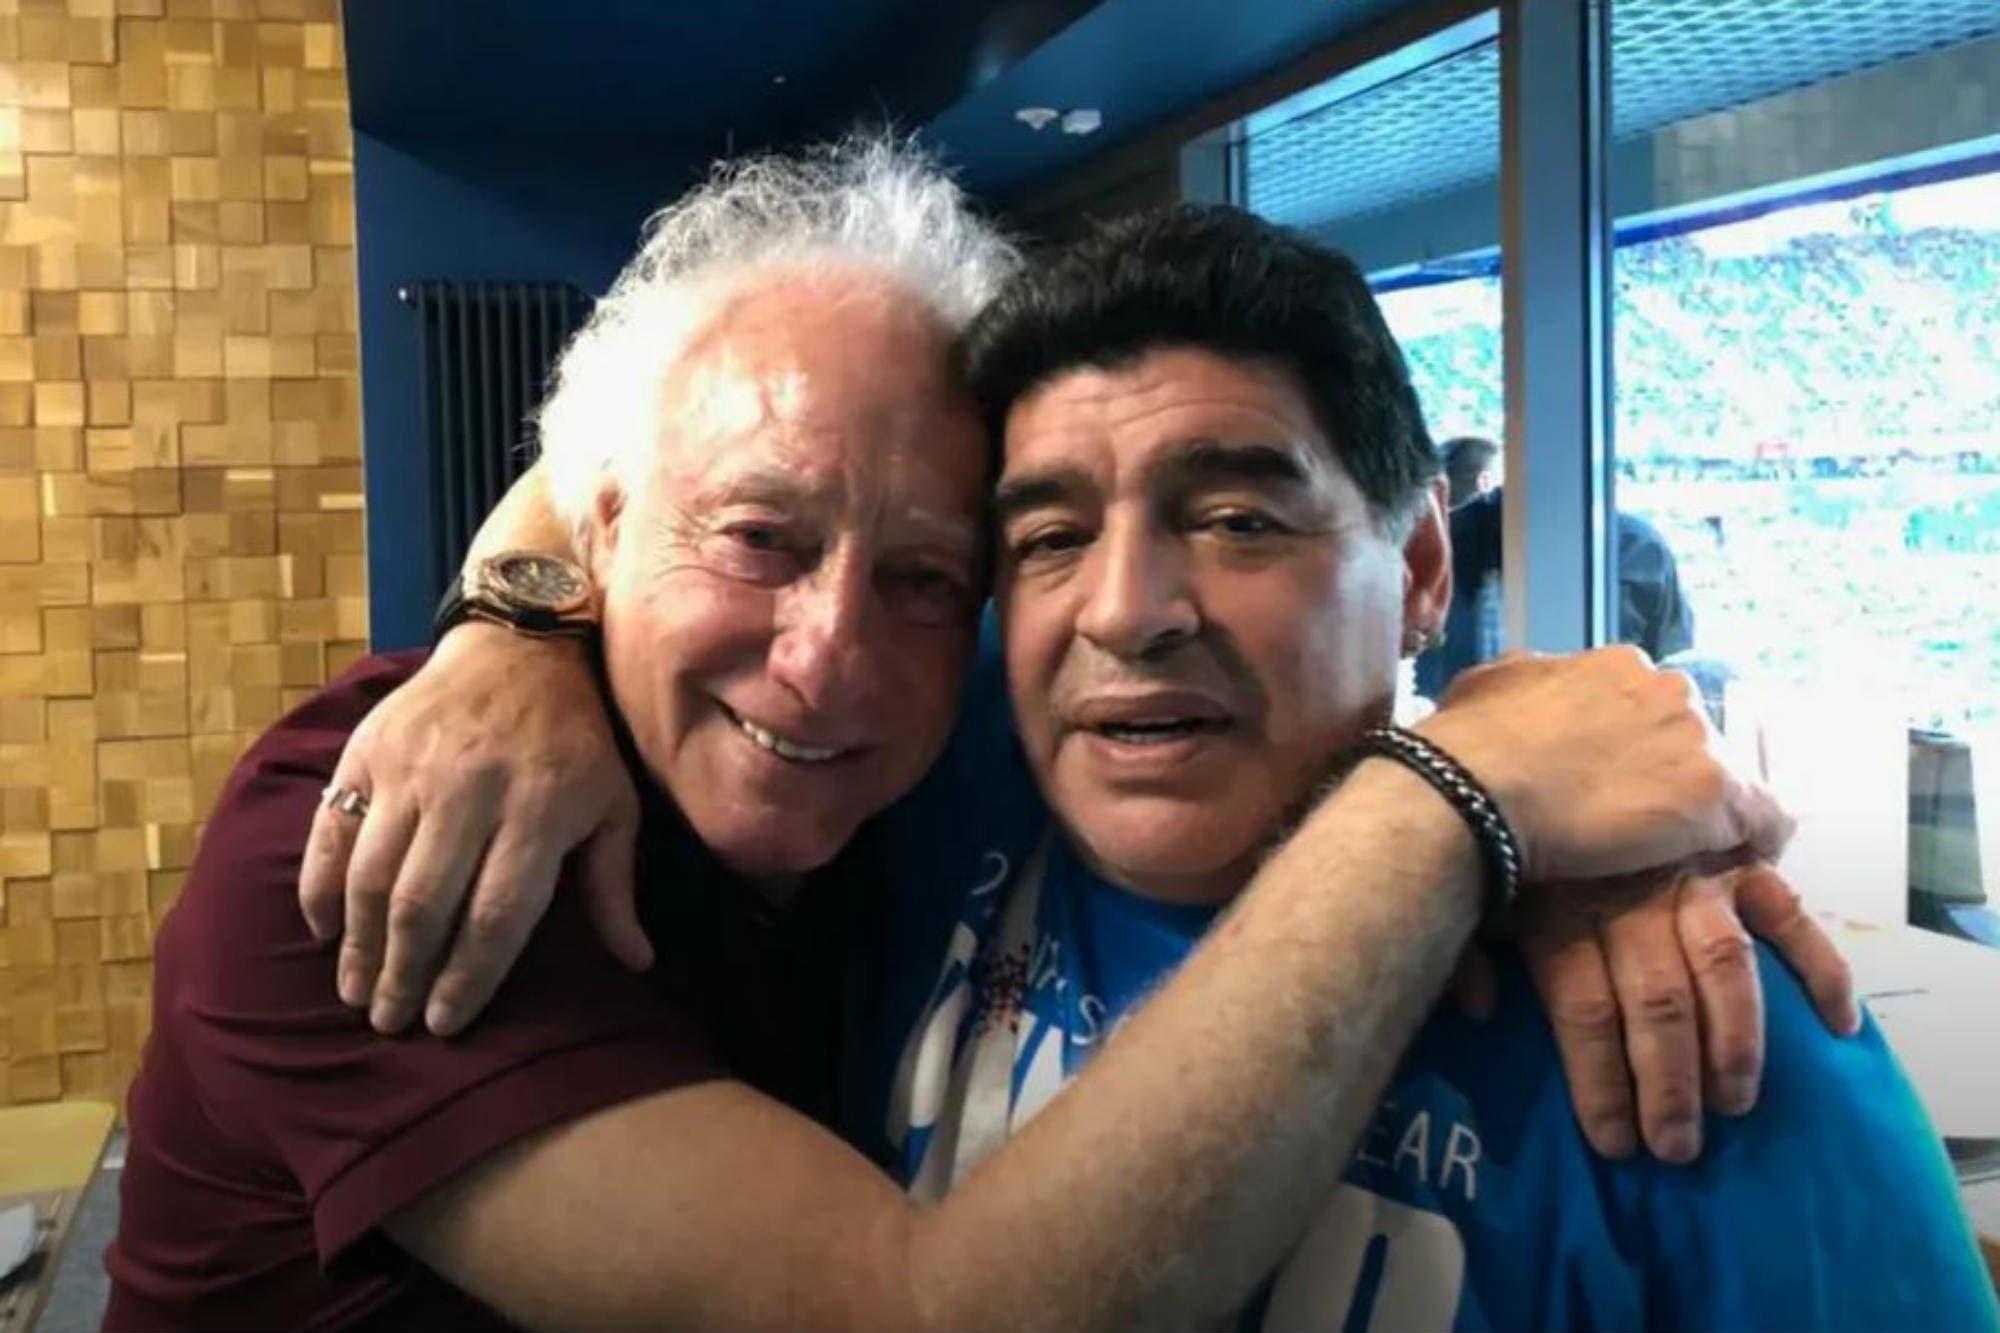 El consejo de Guillermo Coppola a Diego Maradona antes de su debut en Gimnasia